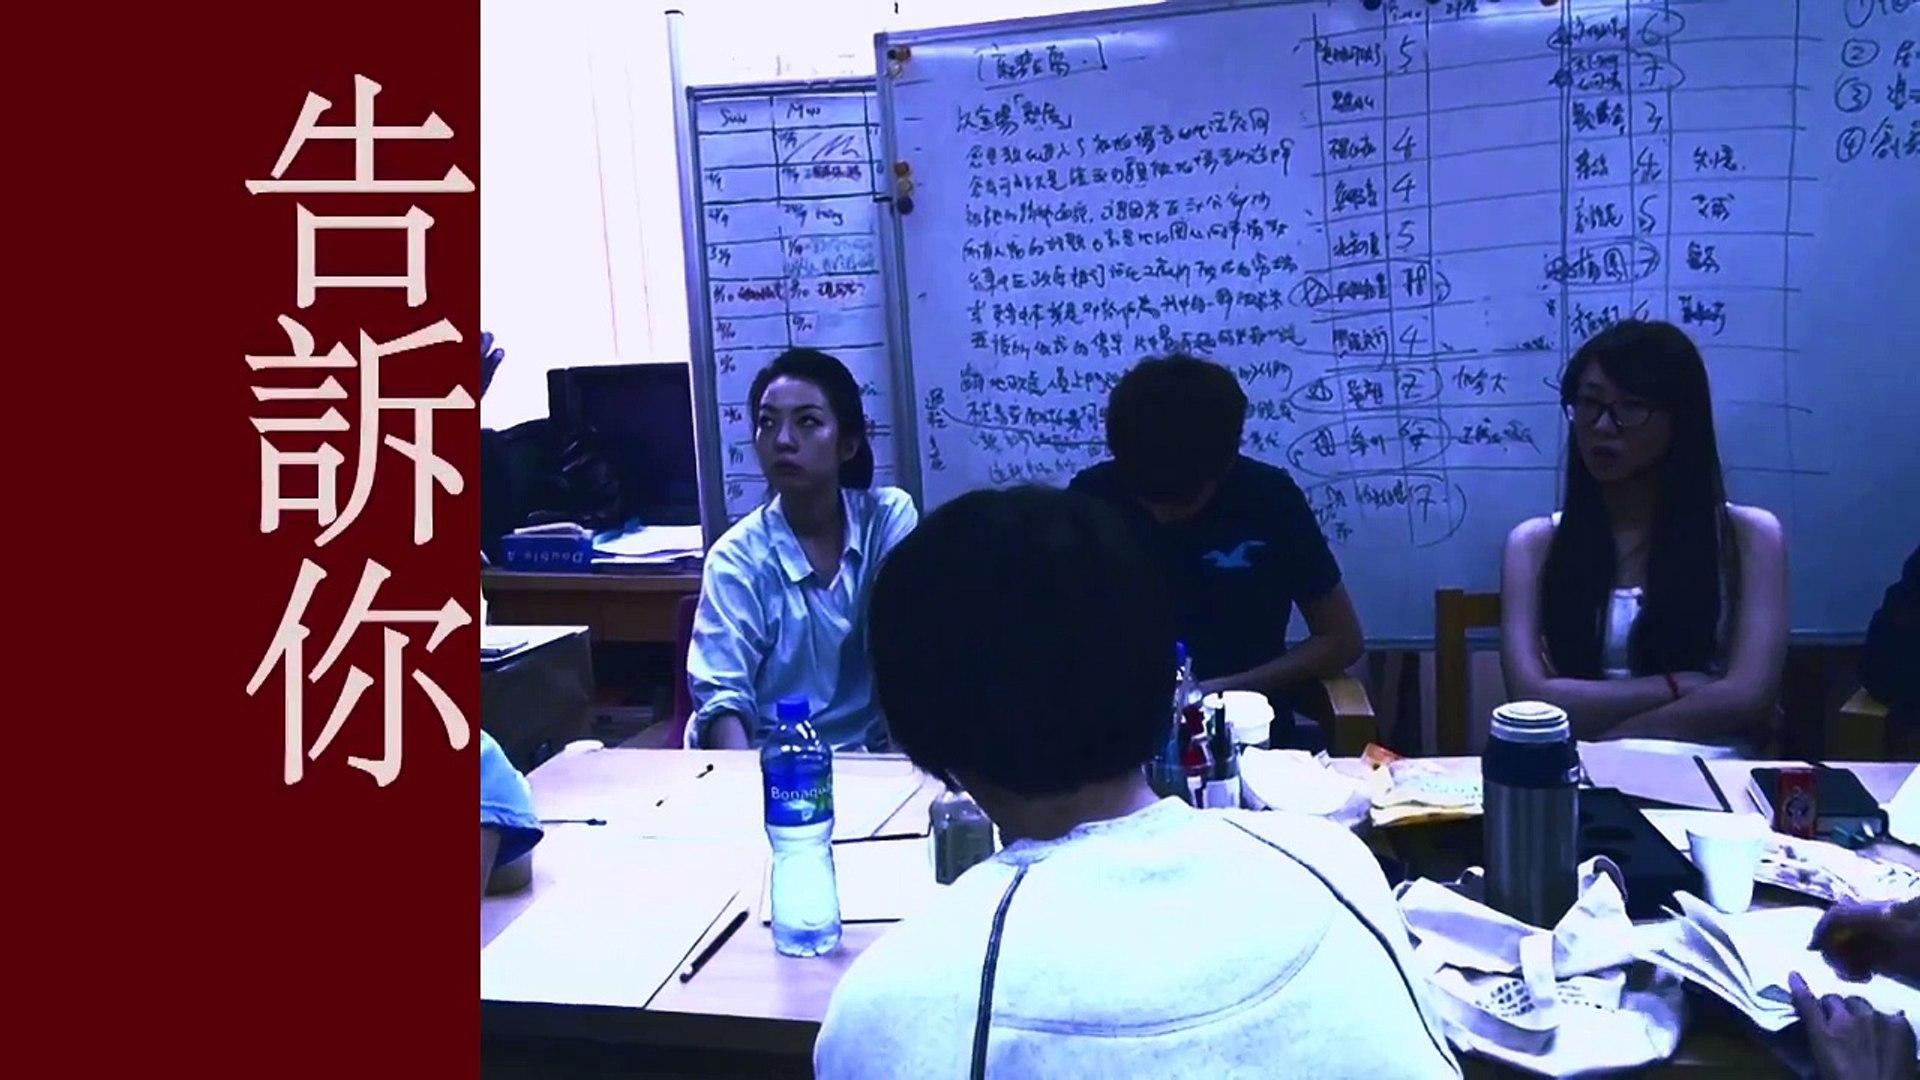 非常林奕華《三國》 2012/12/28-31 國家戲劇院 2012 跨年大戲 門票熱賣中